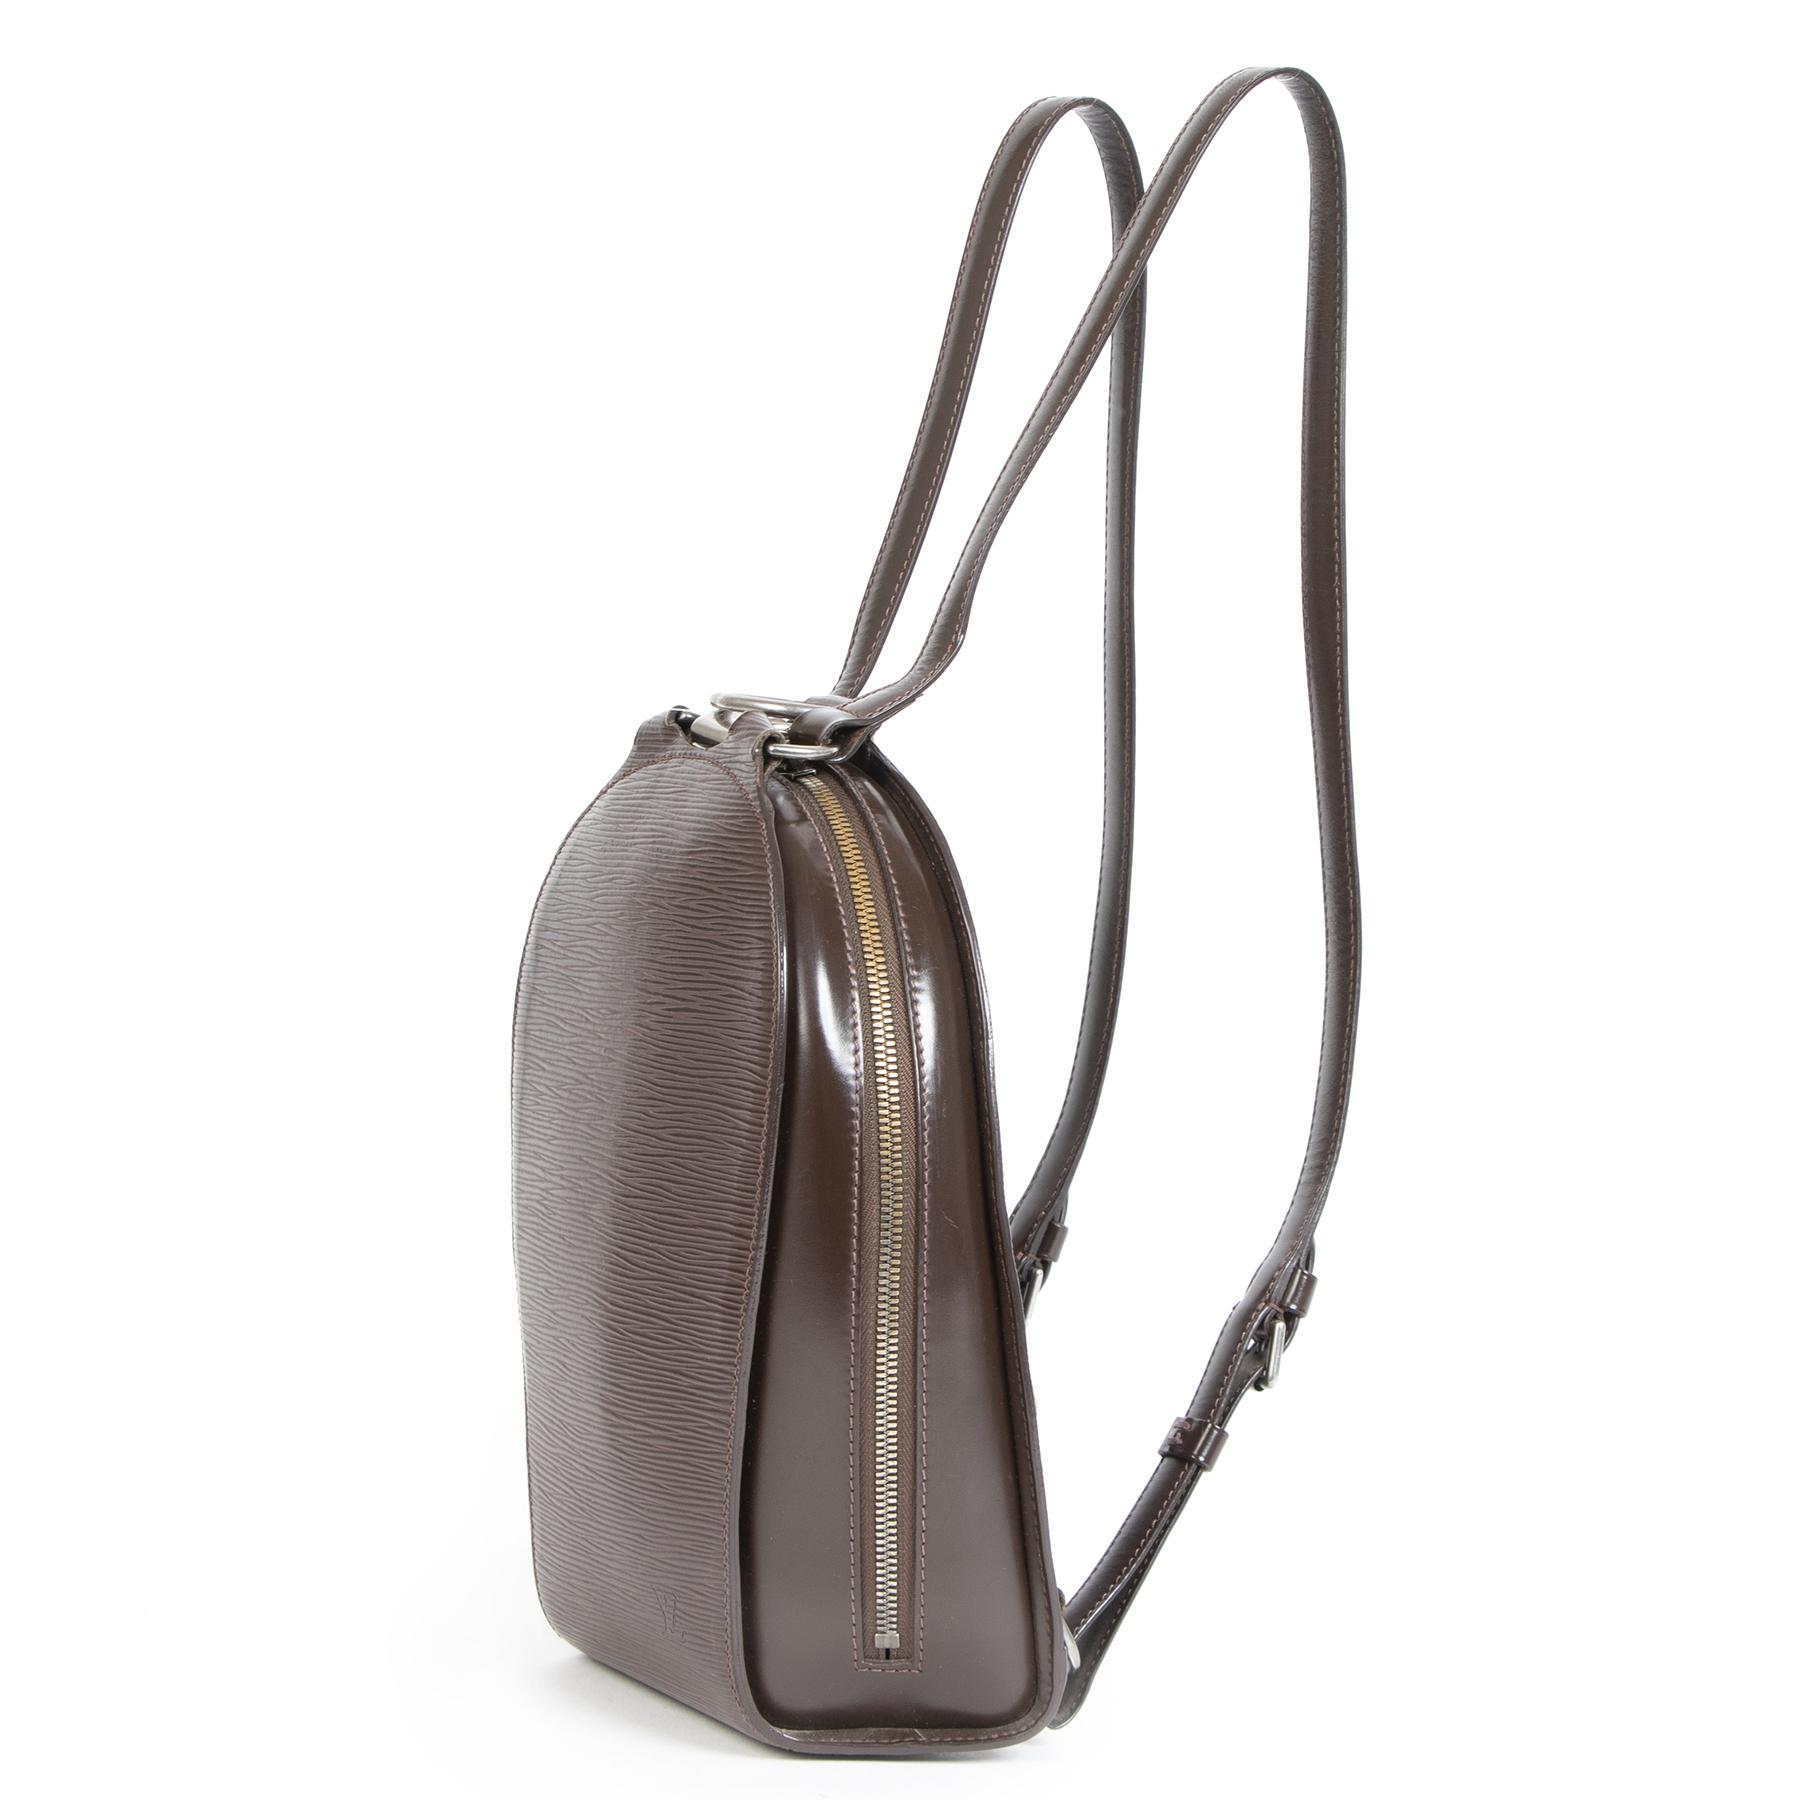 Authentieke Tweedehands Louis Vuitton Moka Epi Leather Mabillon Backpack juiste prijs veilig online shoppen luxe merken webshop winkelen Antwerpen België mode fashion